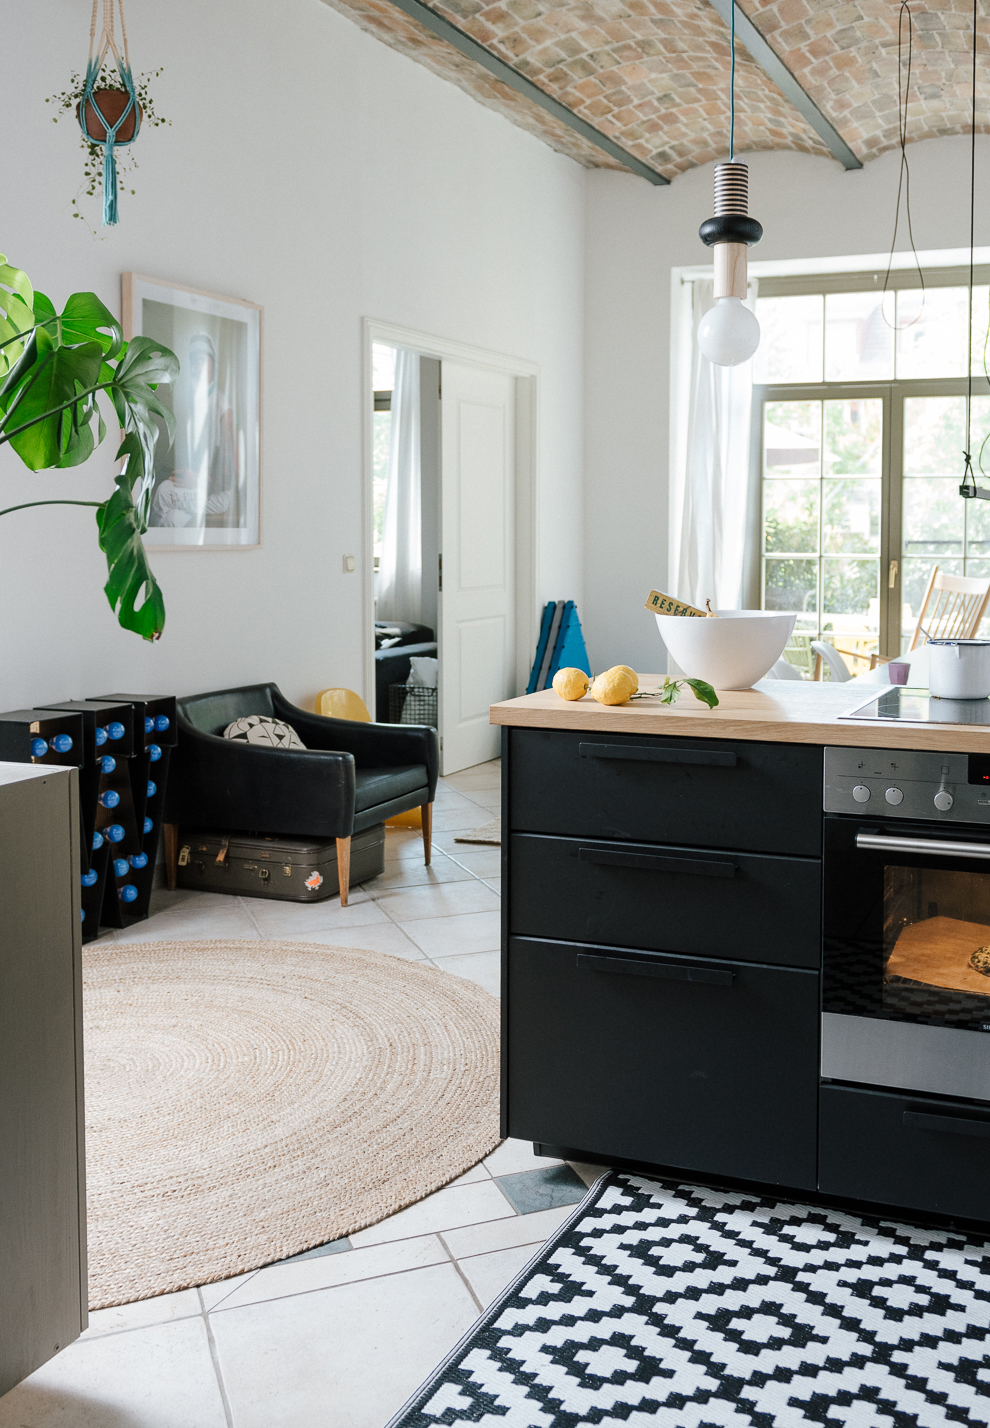 nachhaltig wohnen house tour mit sonja von babyccino berlin. Black Bedroom Furniture Sets. Home Design Ideas